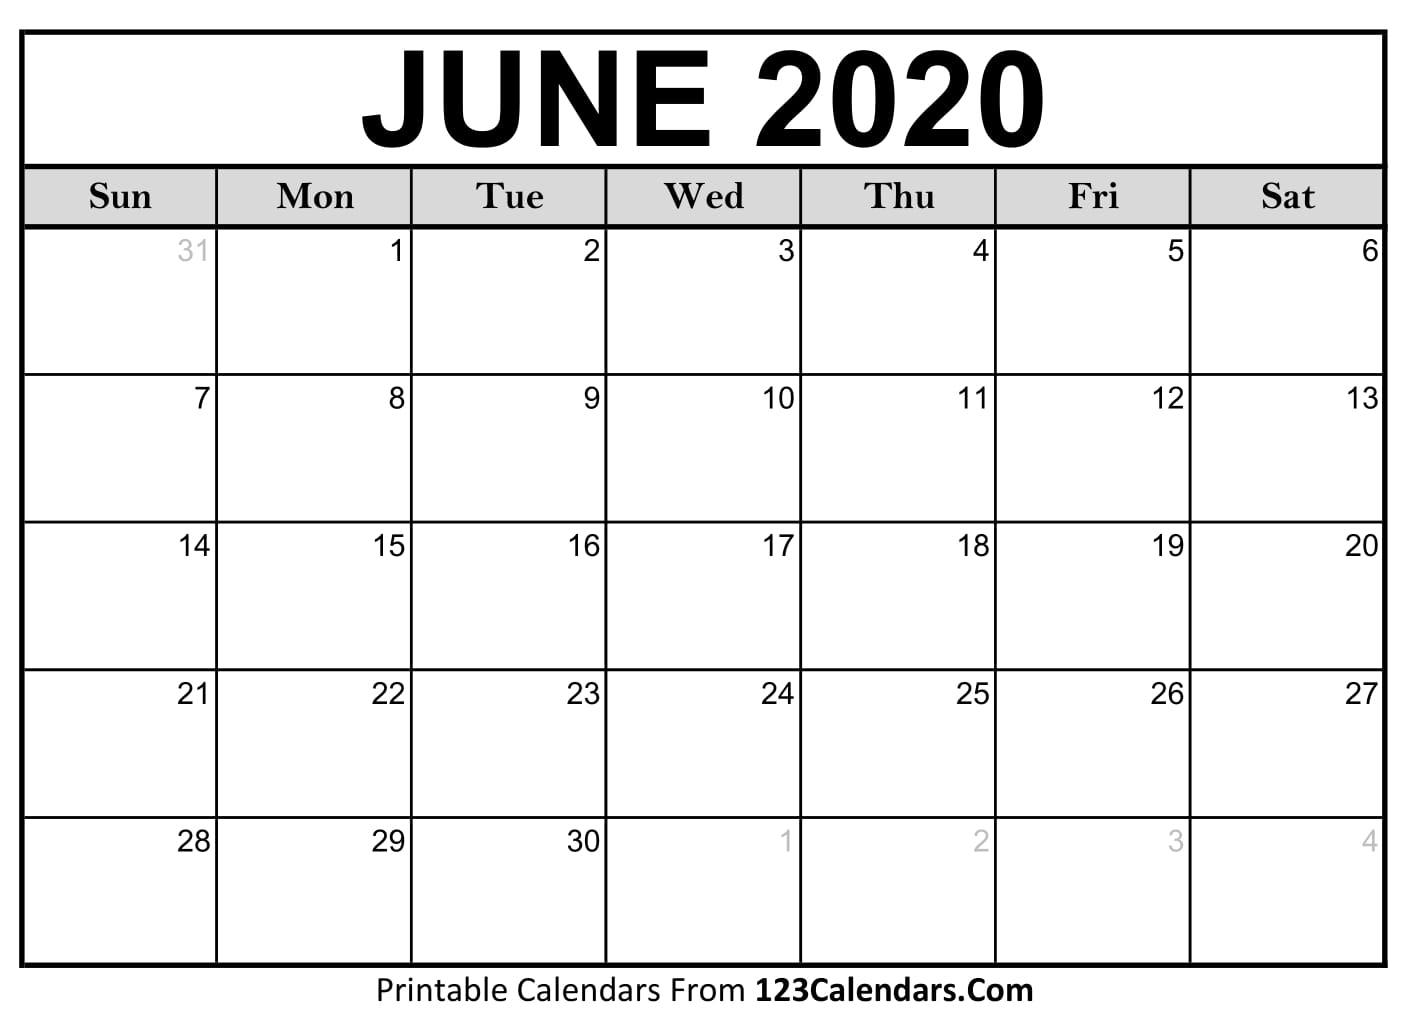 June 2020 Printable Calendar | 123Calendars for June 2019-June 2020 Yearly Calendar